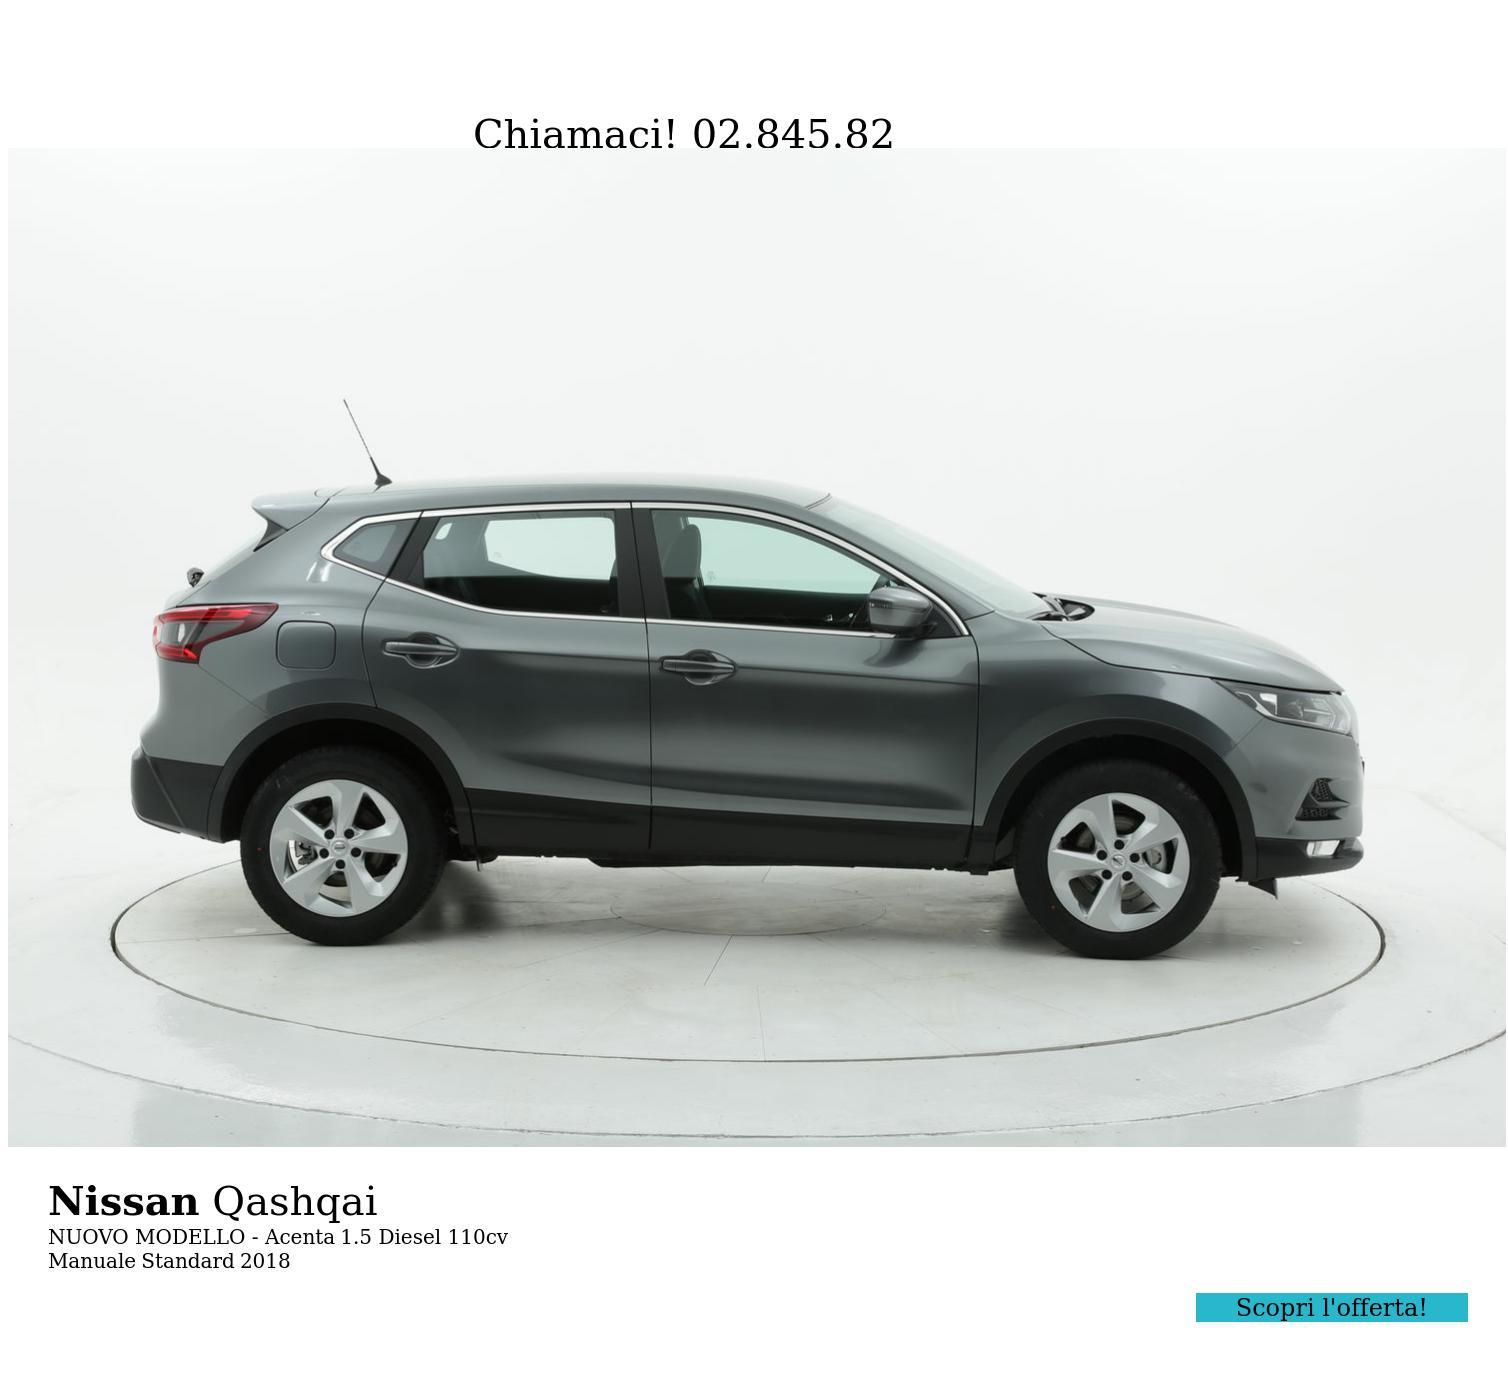 Nissan Qashqai NUOVO MODELLO - Acenta km 0 diesel antracite   brumbrum